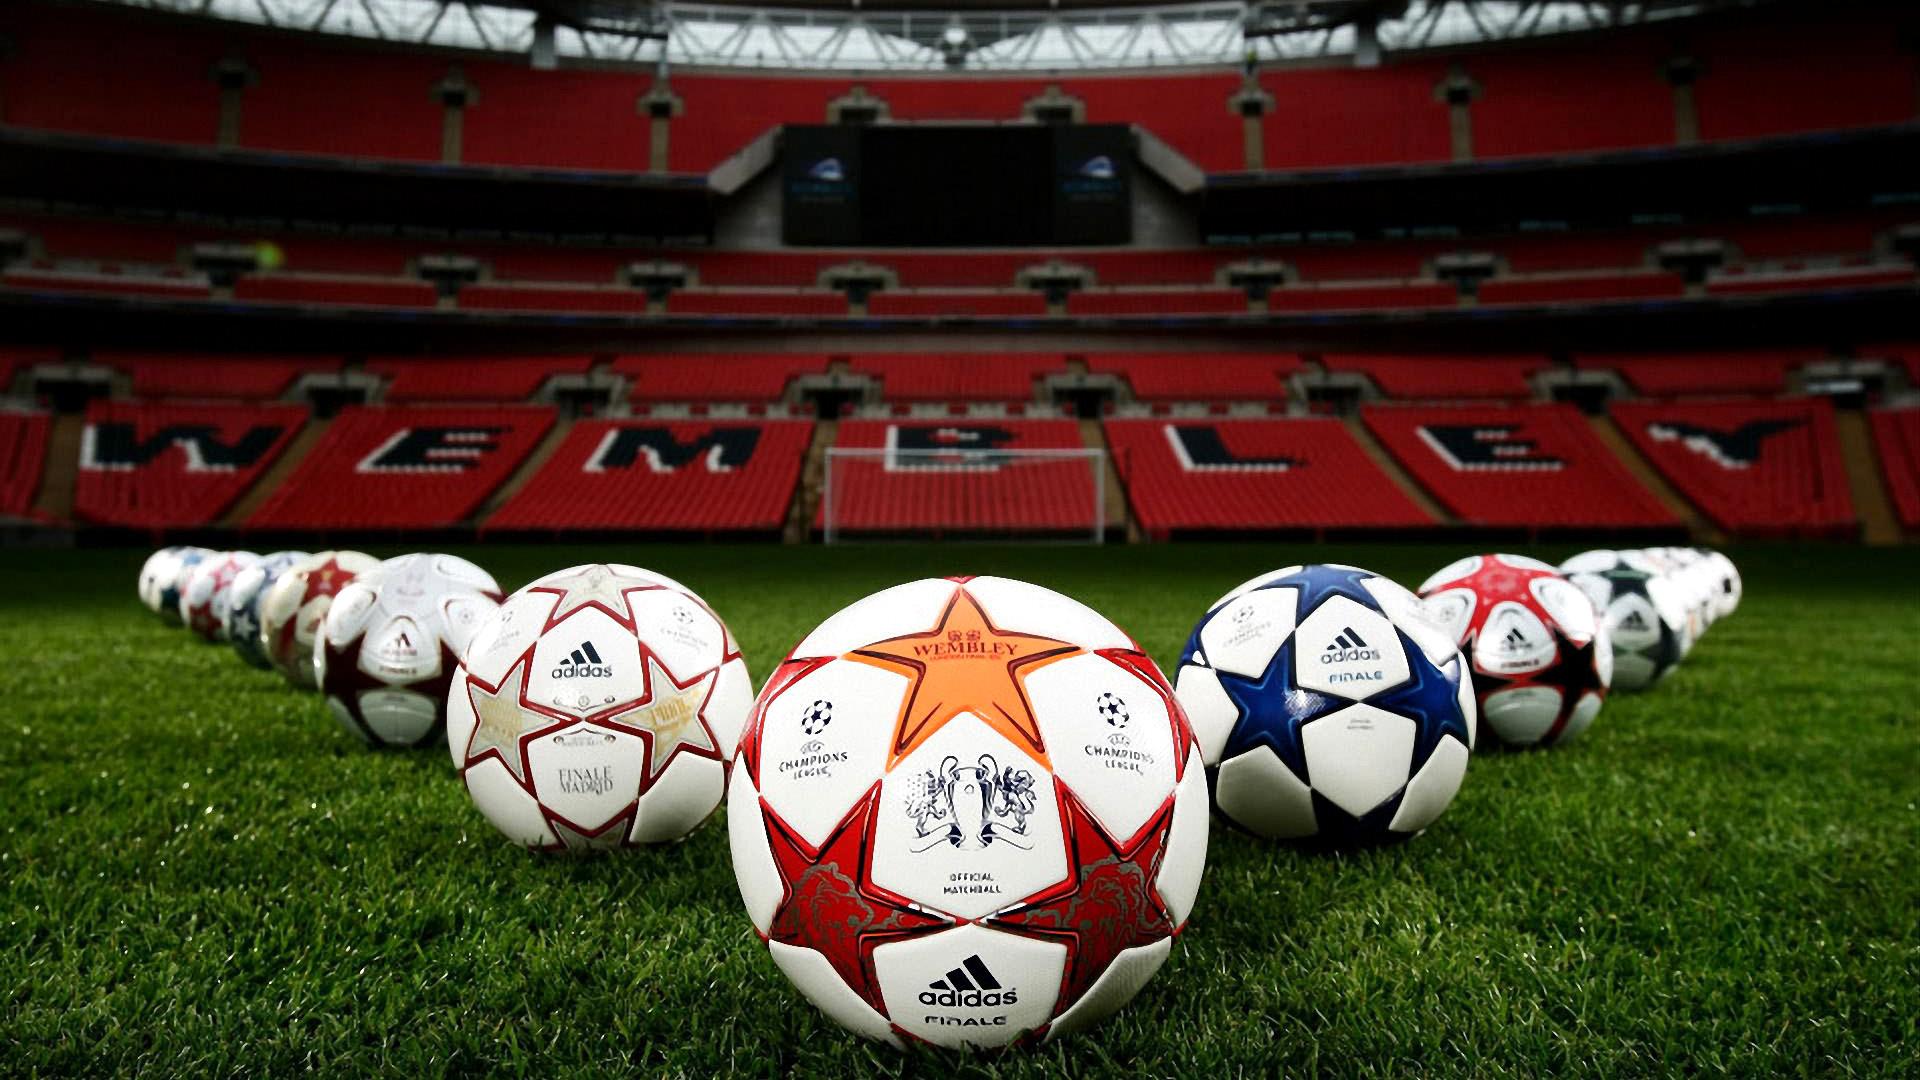 Обои футбол лига чемпионов для